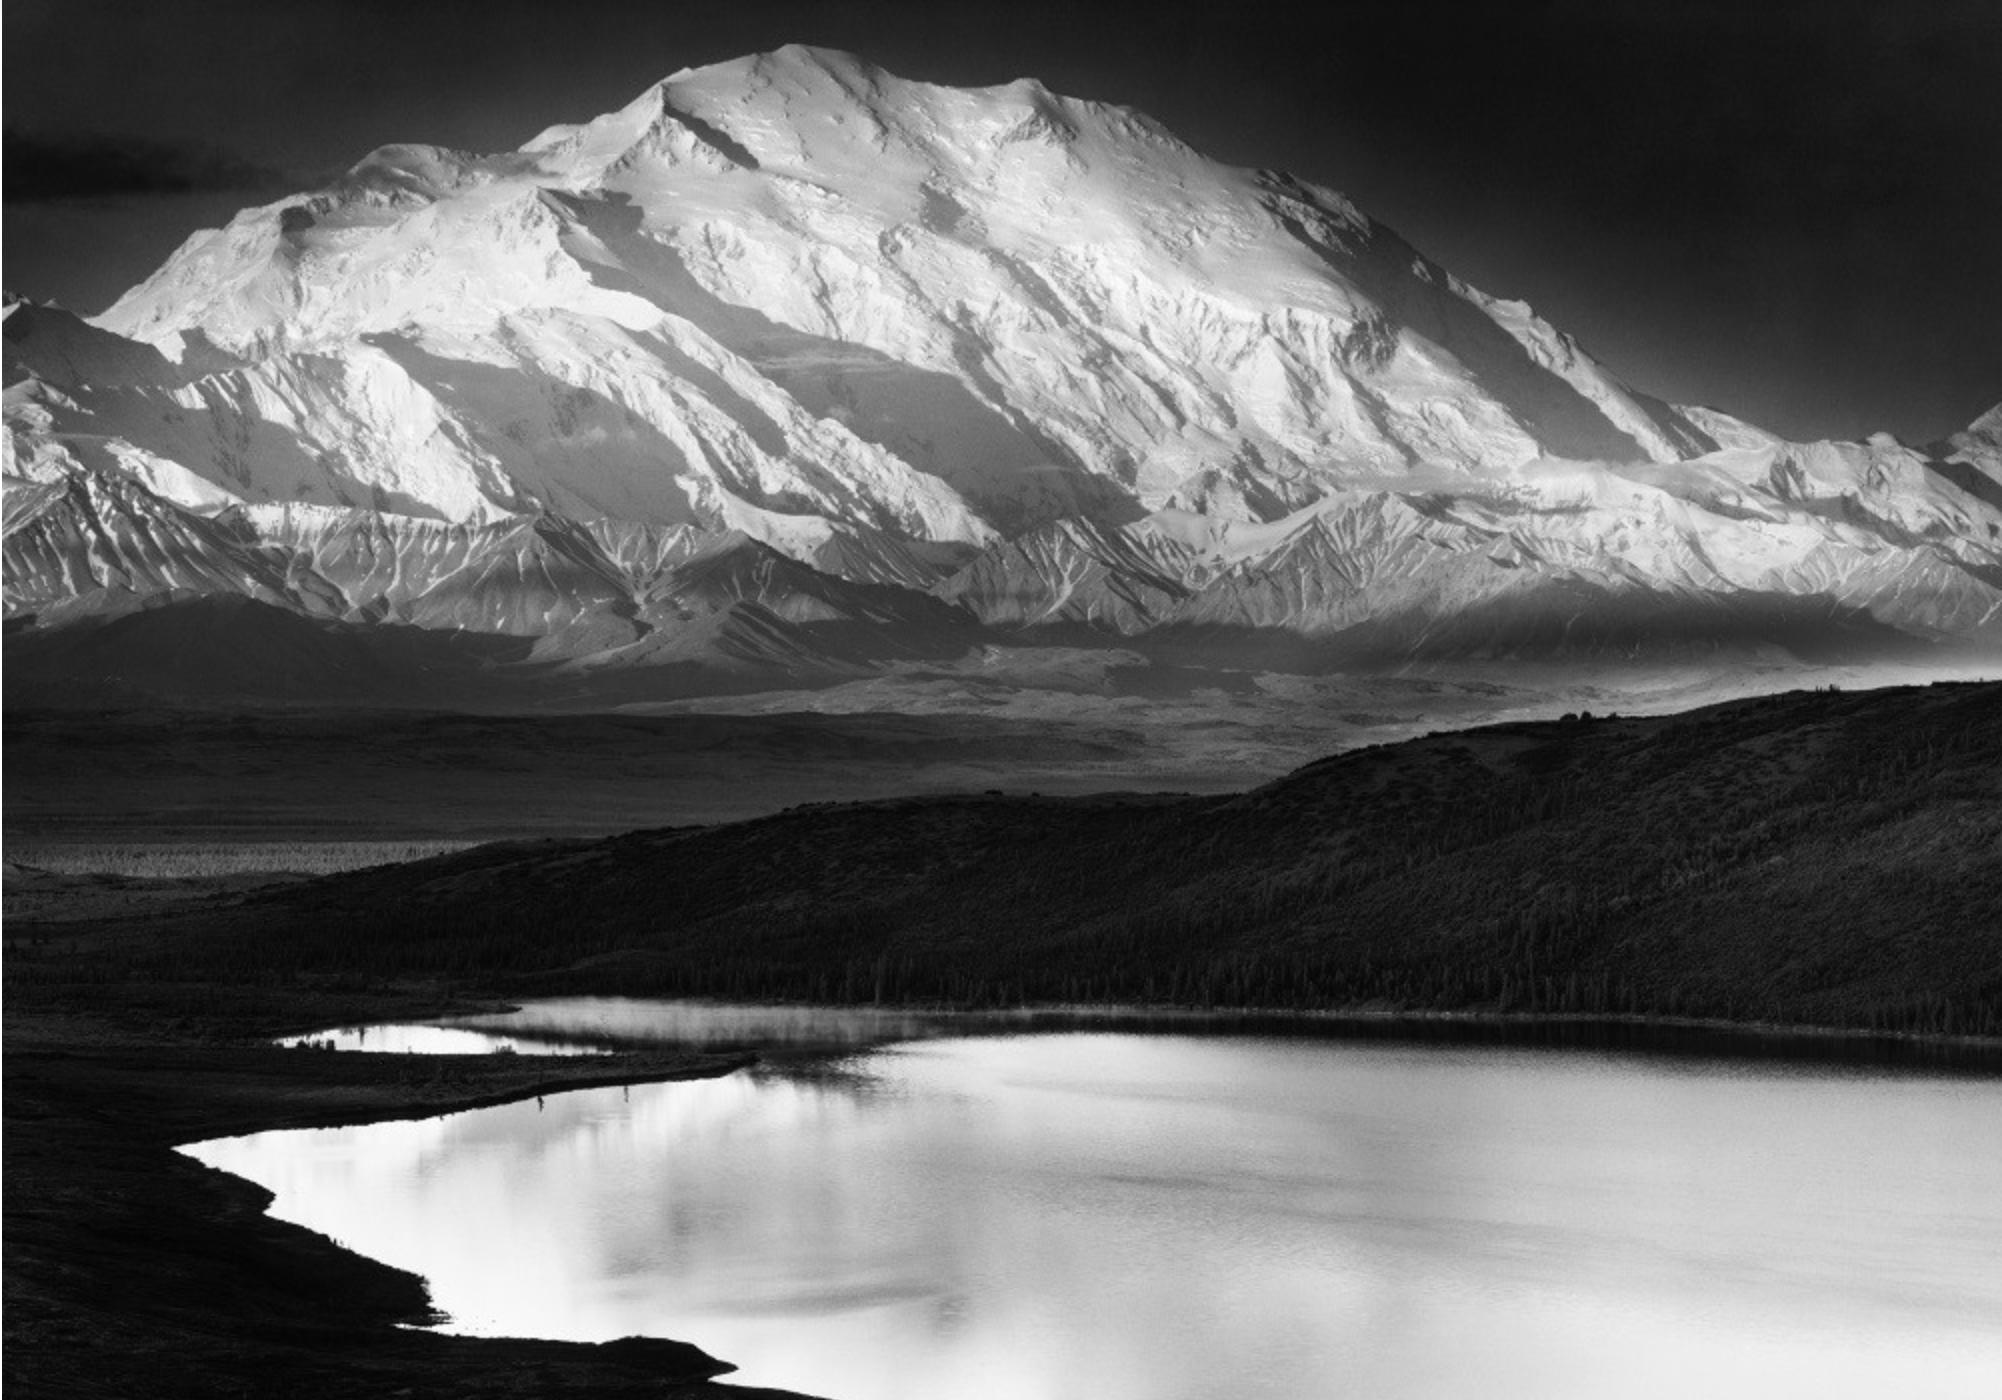 Ansel Adams   , Mount McKinley and Wonder Lake Denali National Park, Alaska 1947